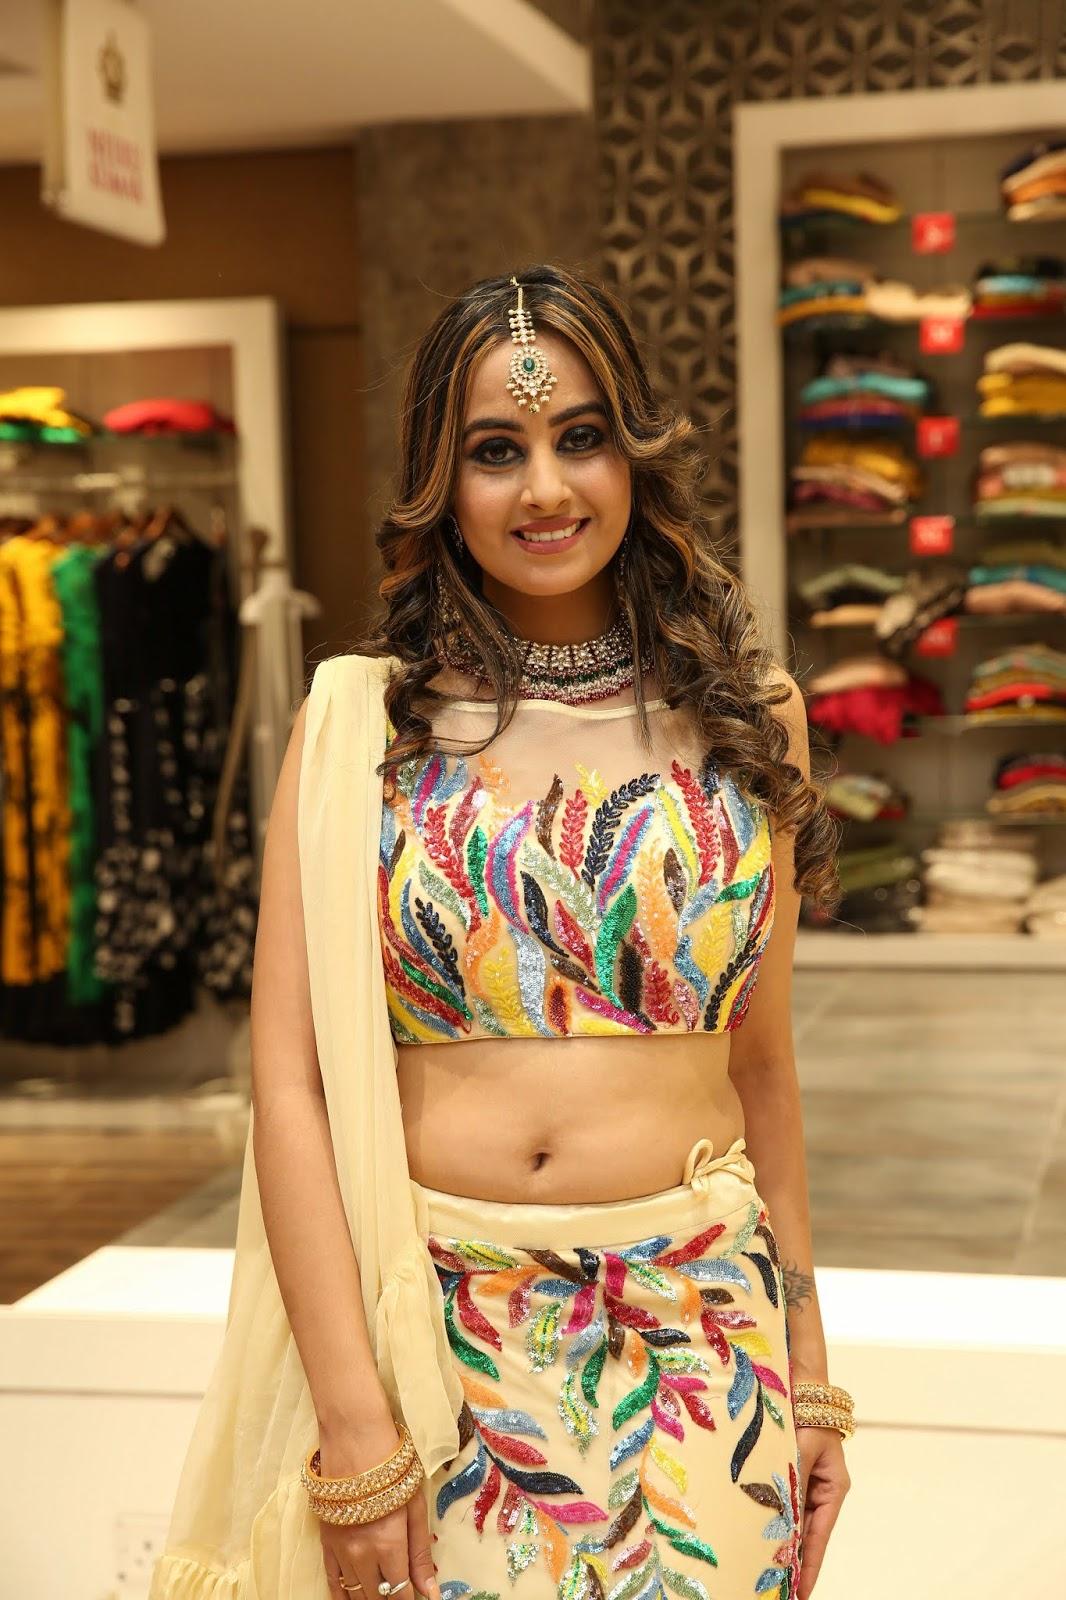 Ameeksha's Hot Deep Navel In Cultural Outfit